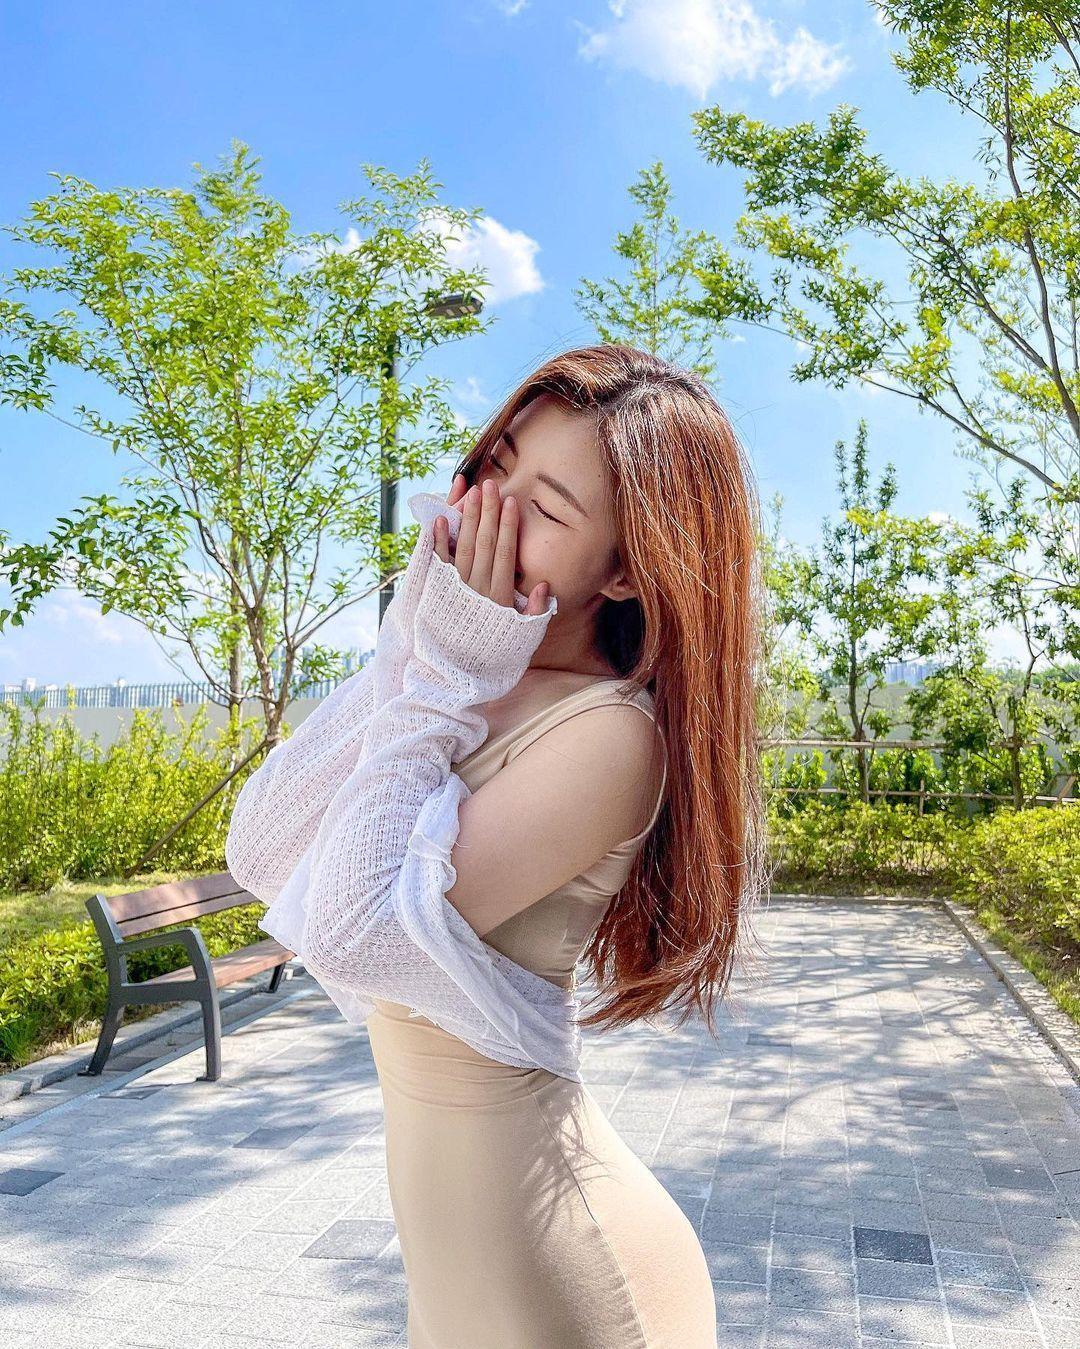 清凉穿着自己卖 [韩国泳衣阙娘Yebin]亲自试穿性感度满点 养眼图片 第17张